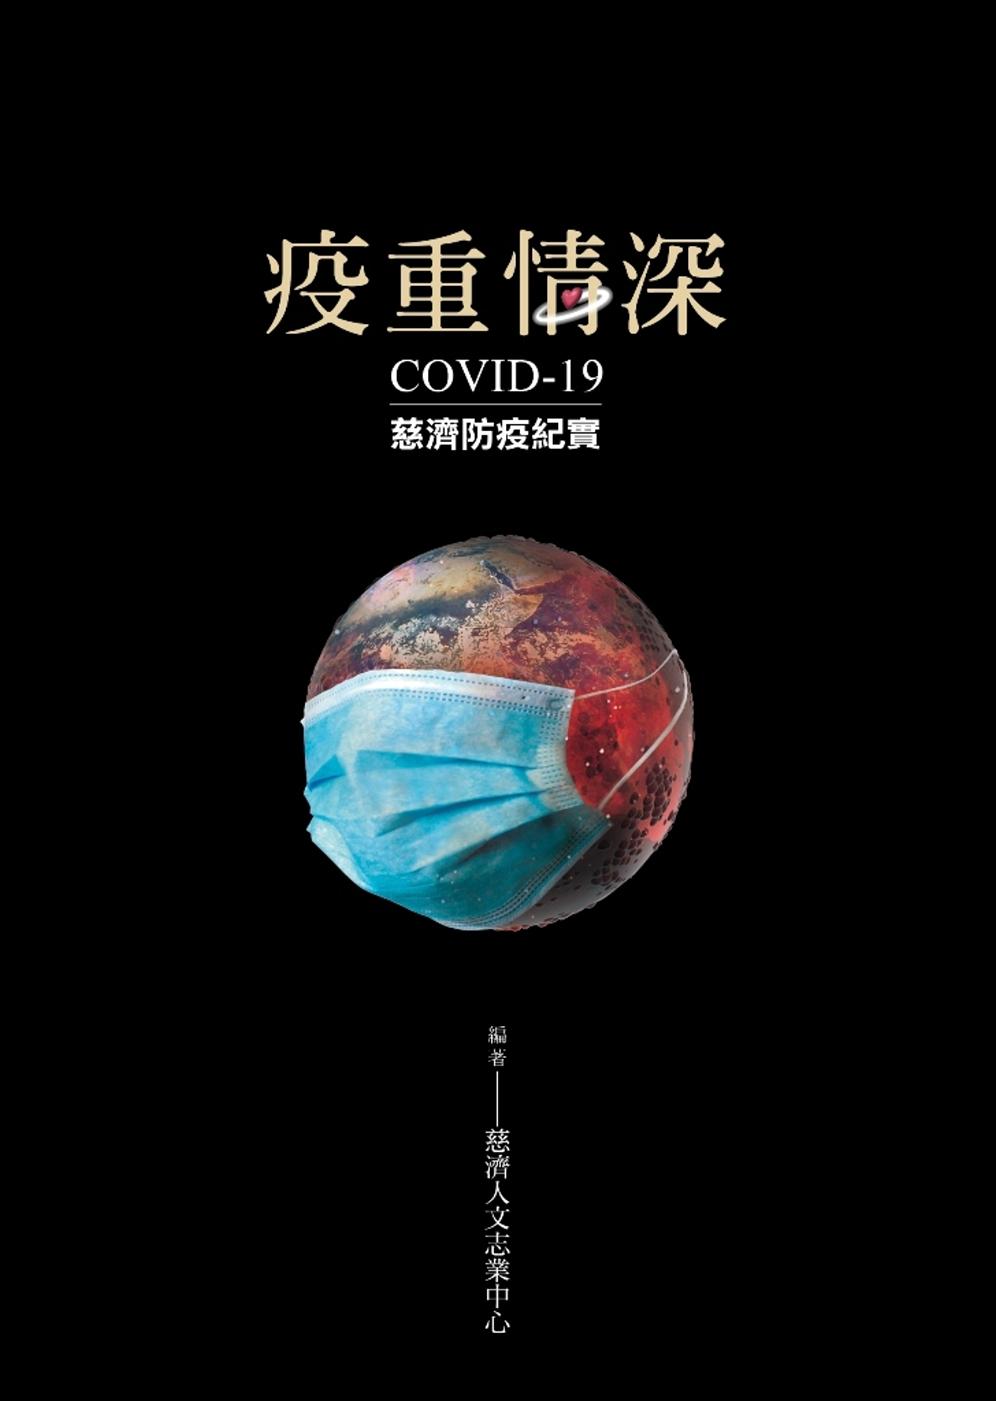 疫重情深:COVID-19慈濟...